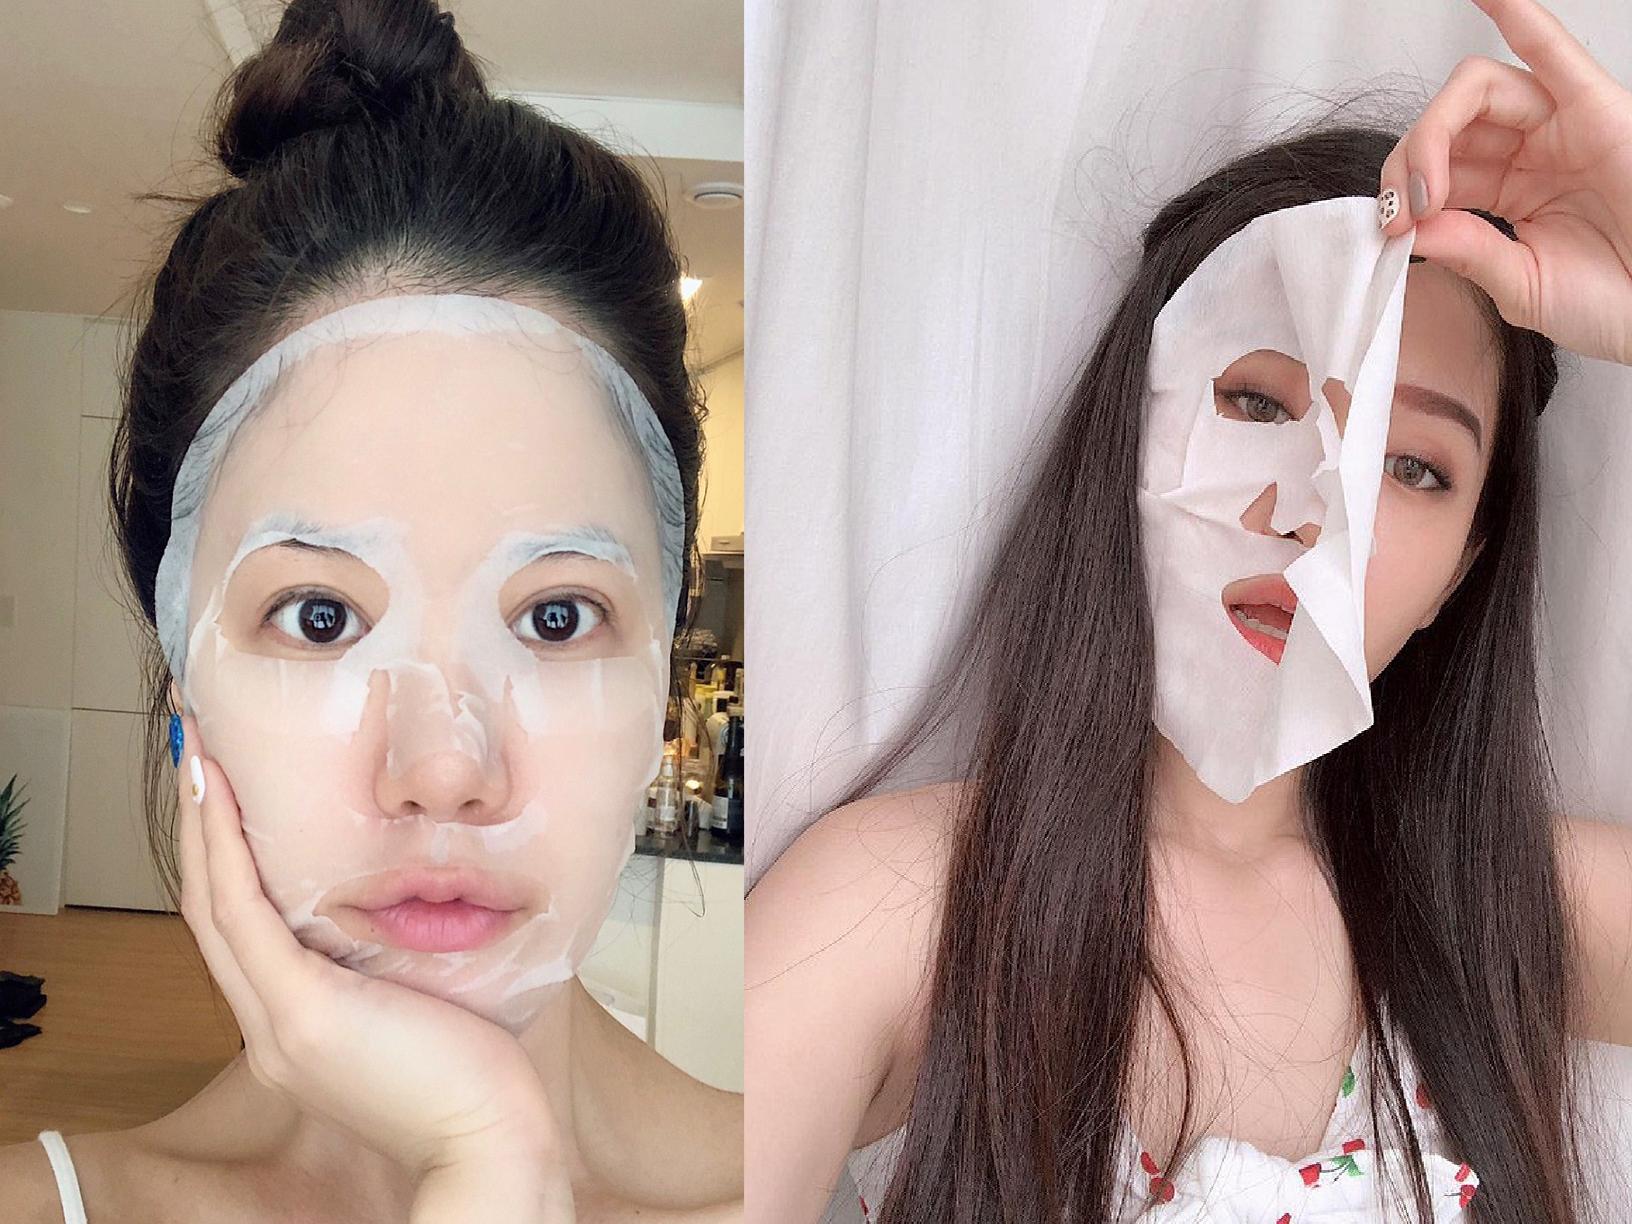 Dùng giấy mỏng đắp mặt nạ, 98% chị em đang mắc sai lầm khi không biết đến 5 điều cần tránh này - Ảnh 5